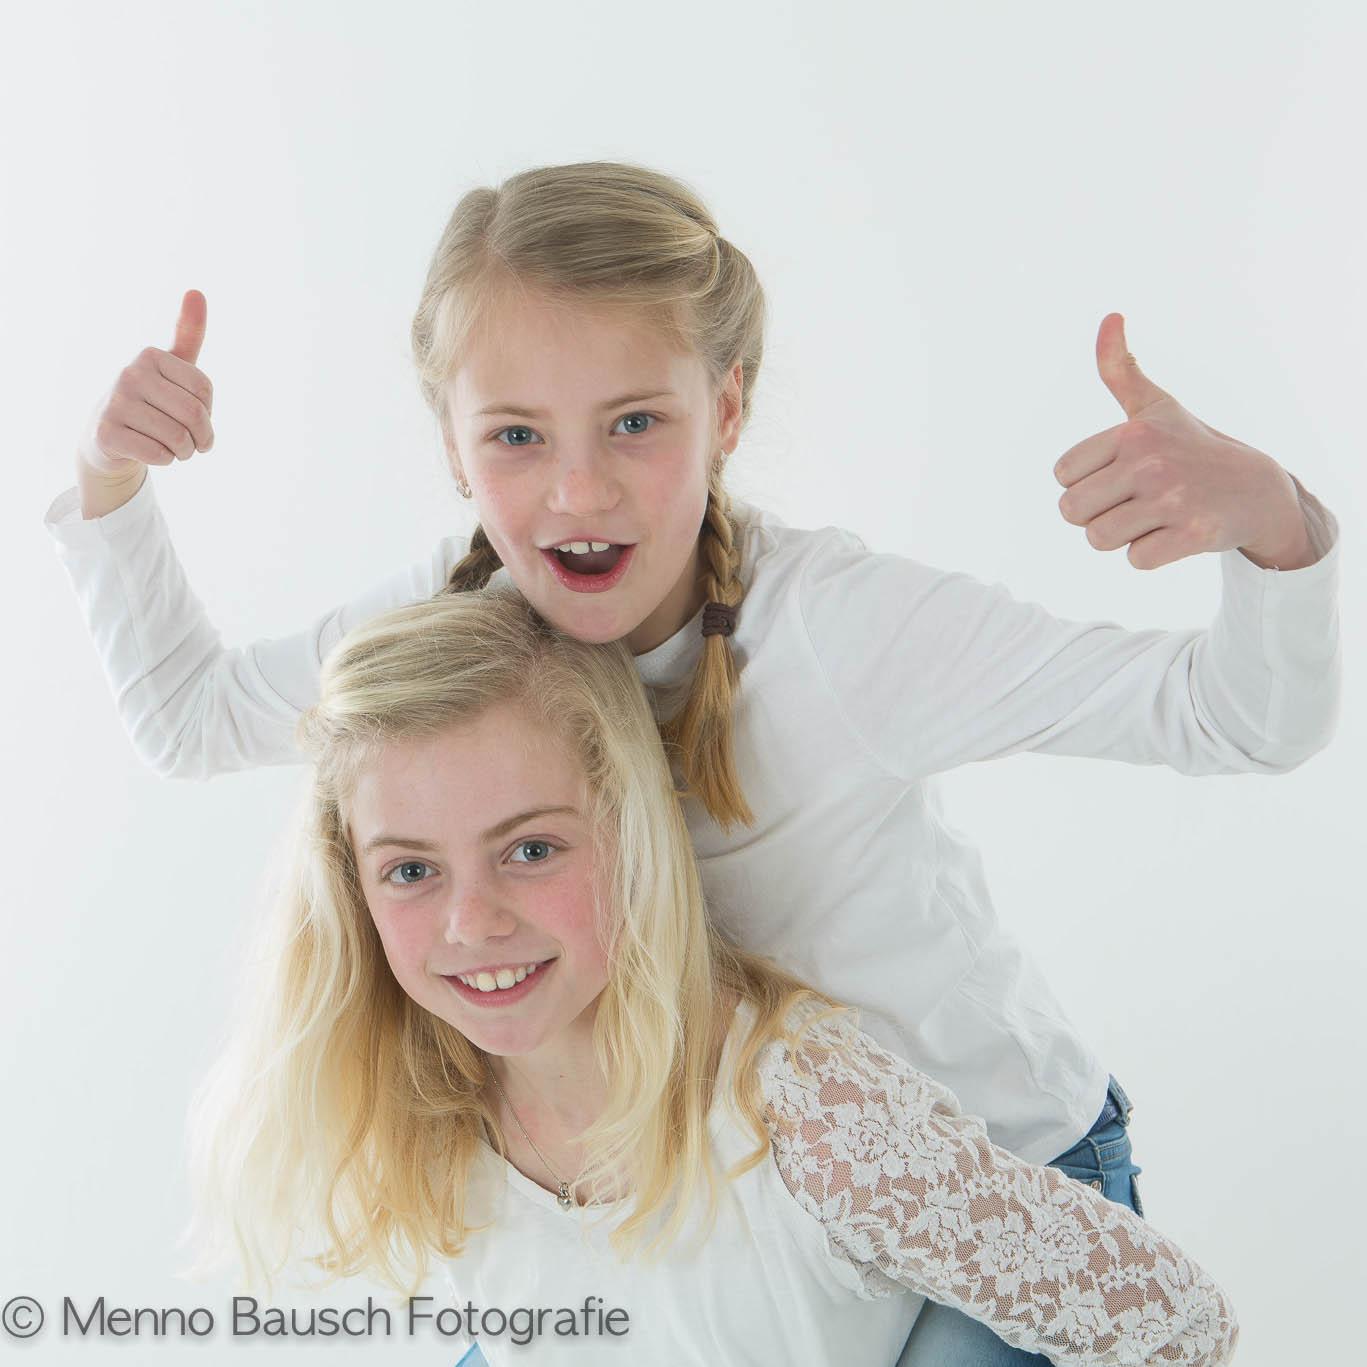 Menno Bausch Fotografie62